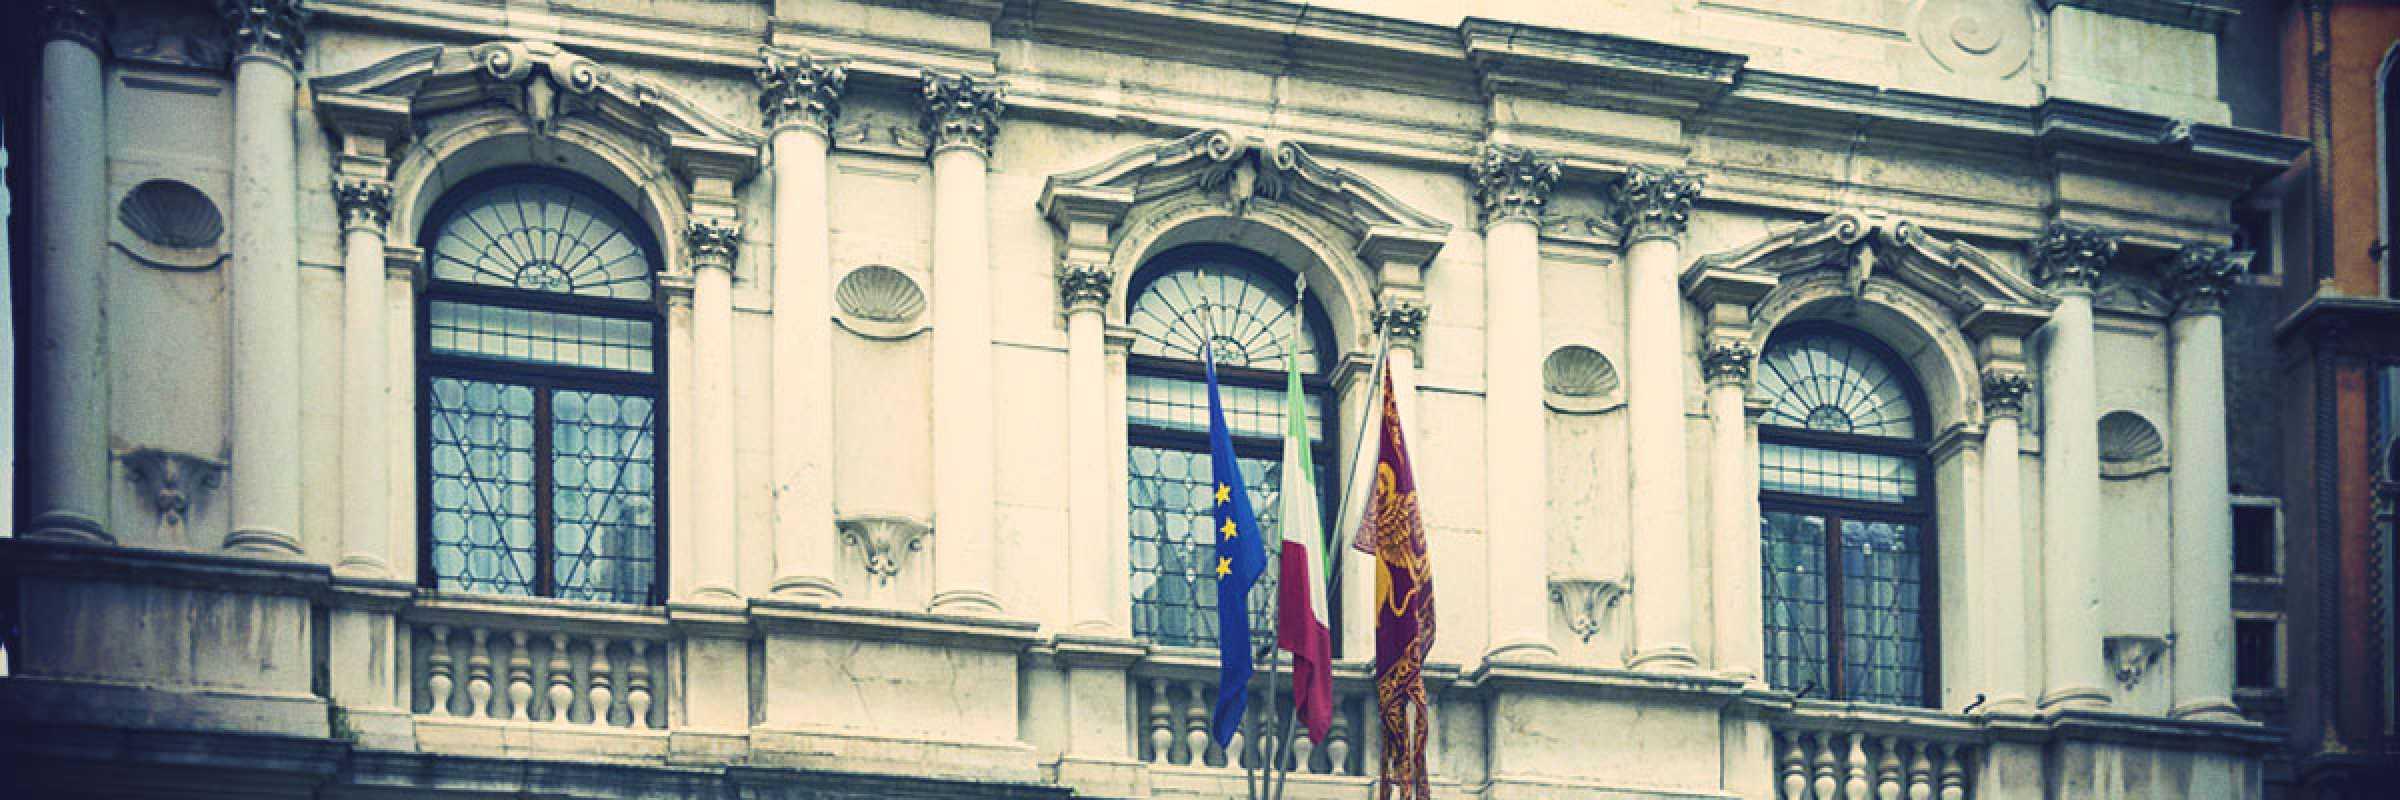 Scuola Grande of San Fantin.